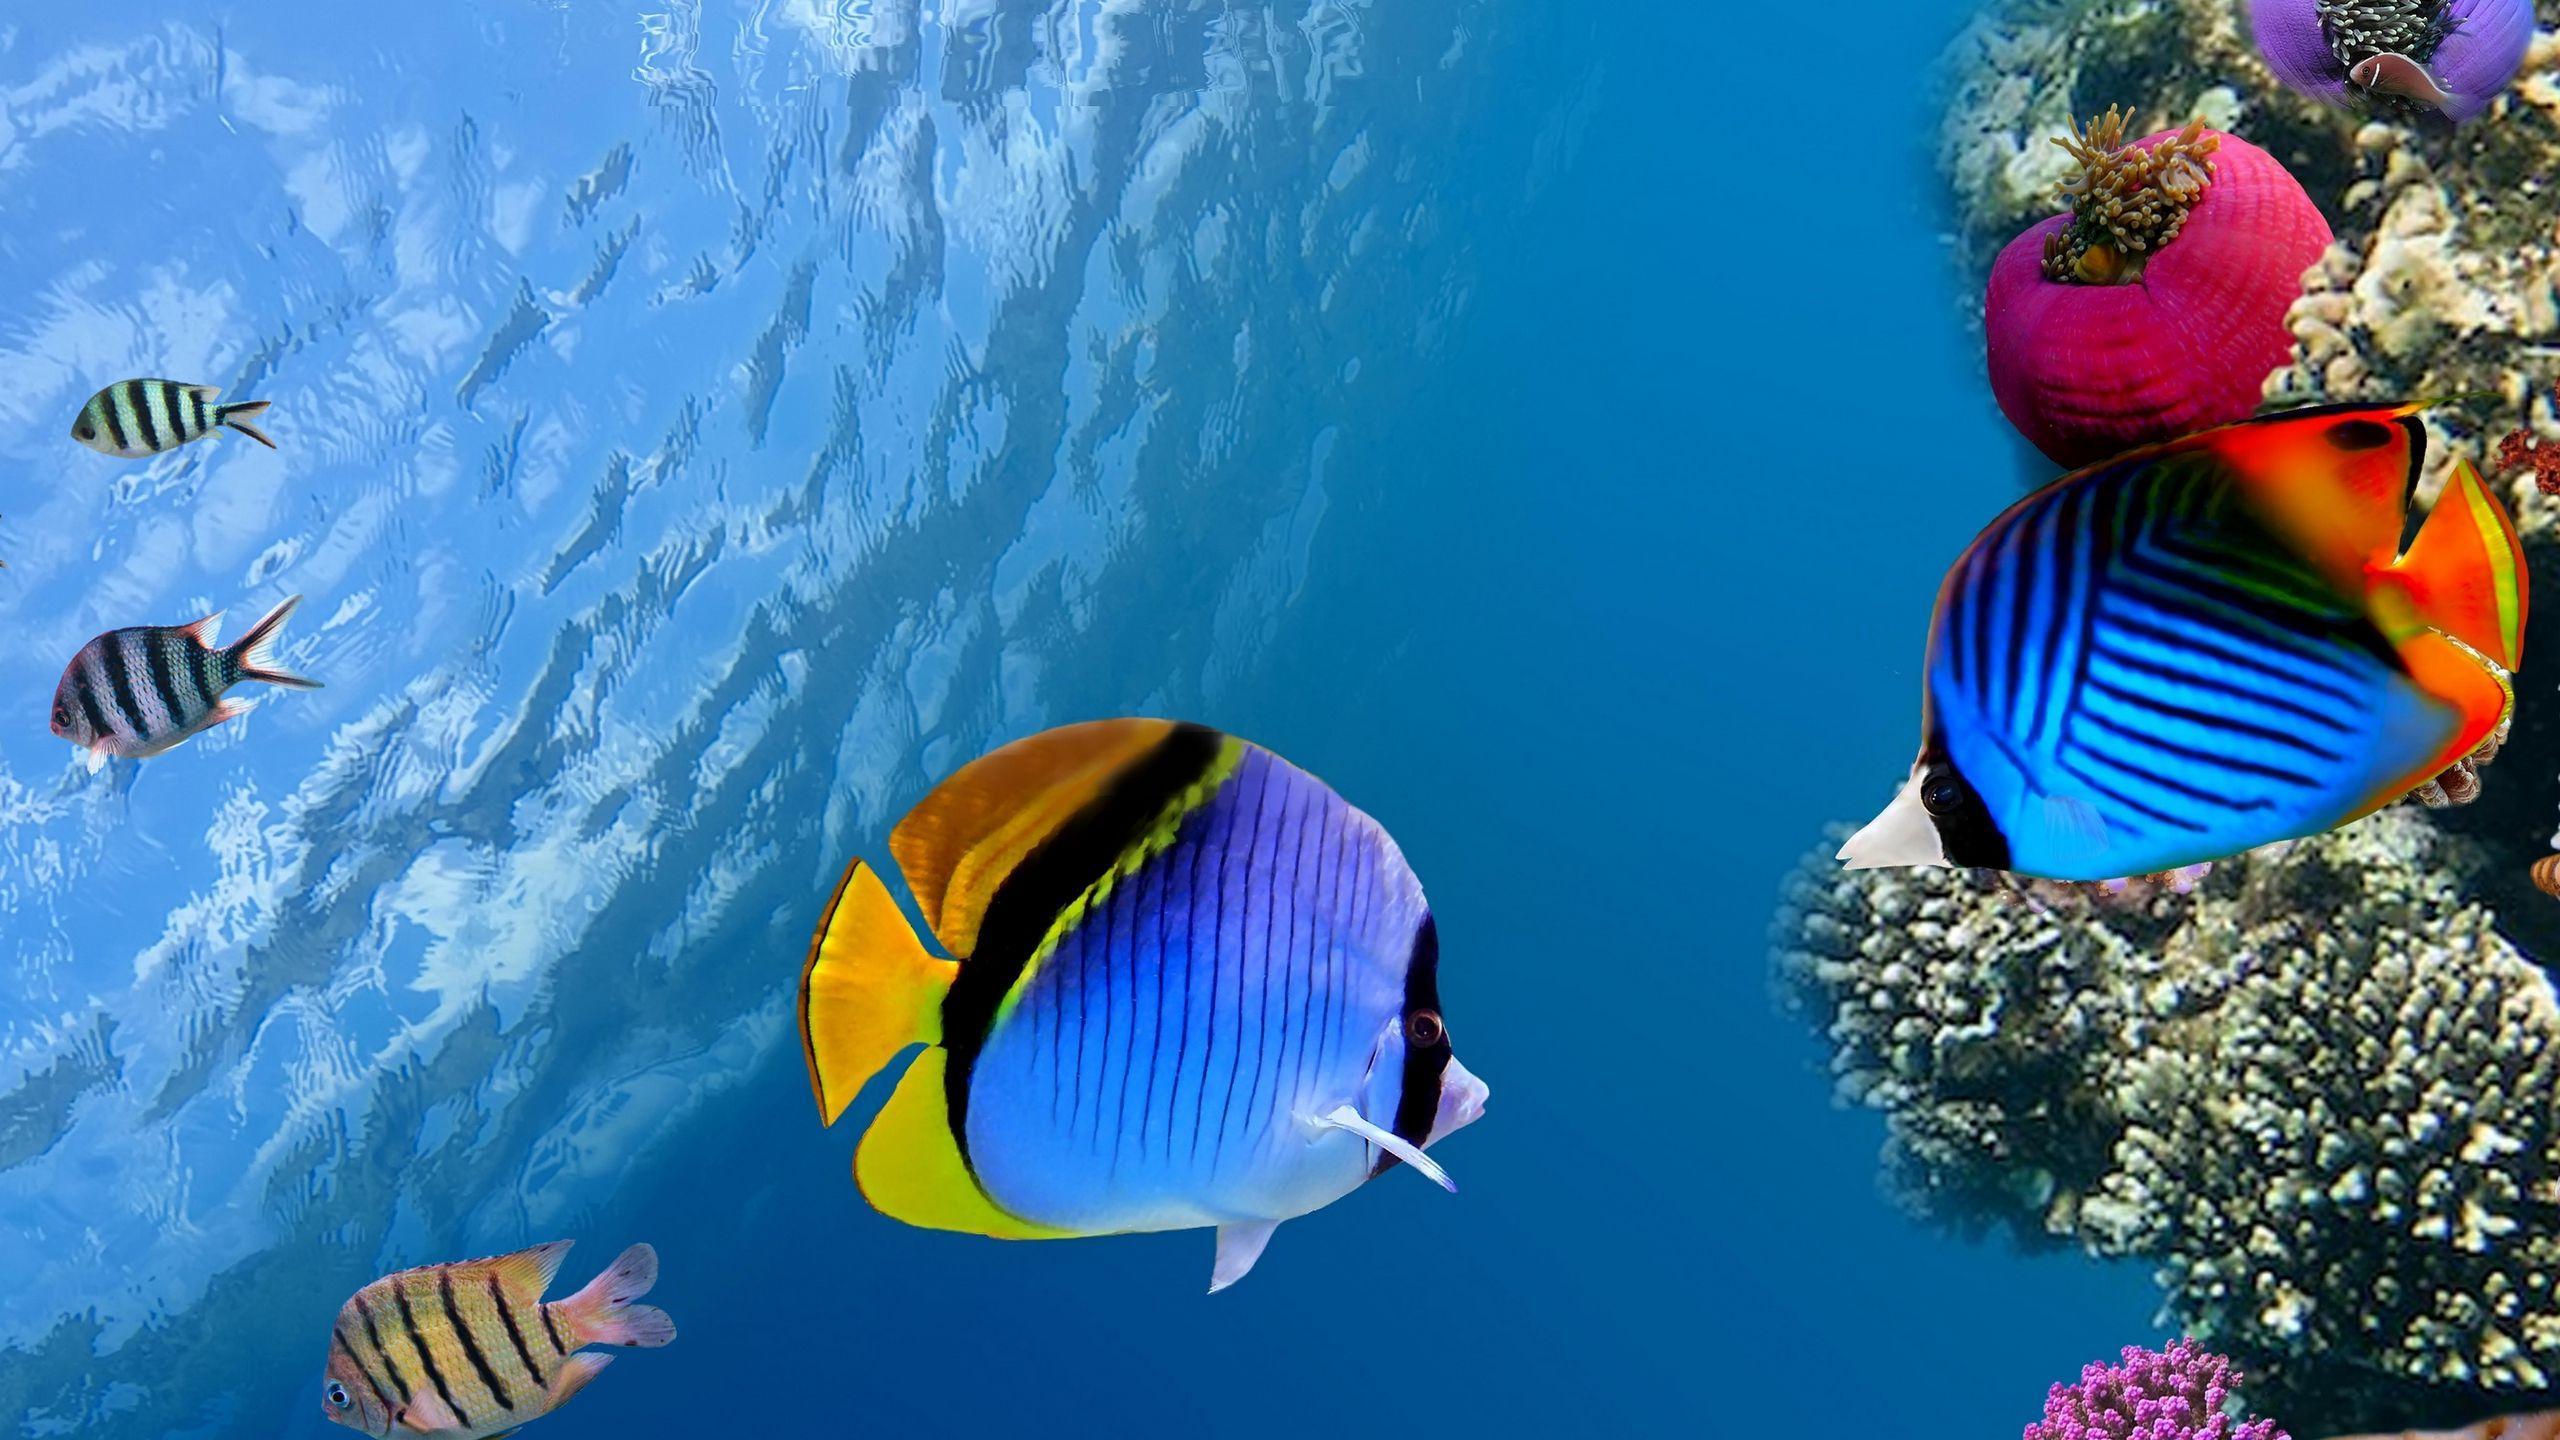 Морские экосистемы не справятся с повышением температуры, вызванным изменением климата